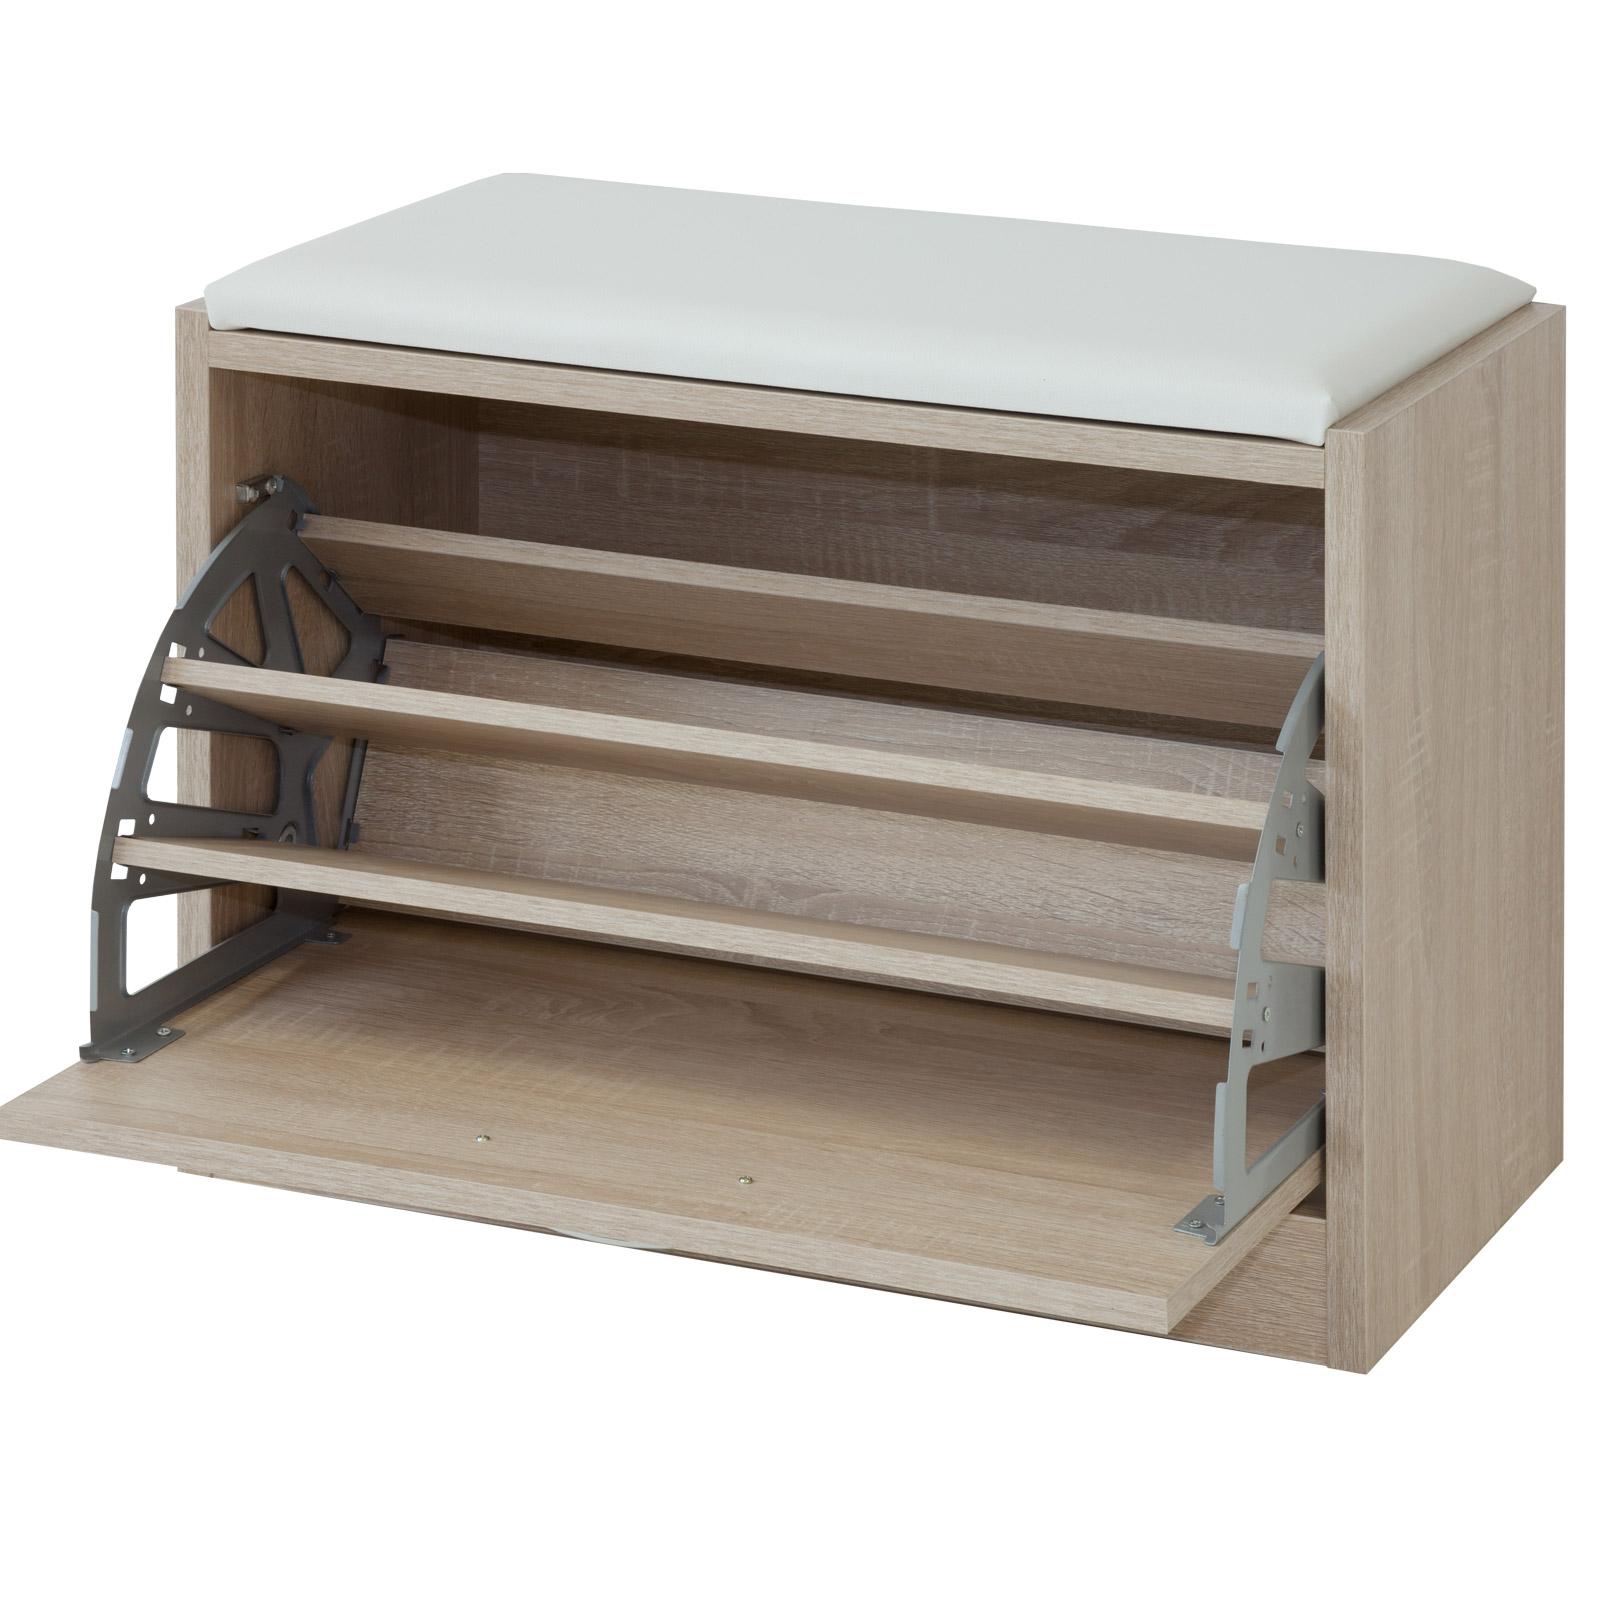 albatros schuhschrank mit sitzkissen tom schuhkipper bank garderoben. Black Bedroom Furniture Sets. Home Design Ideas